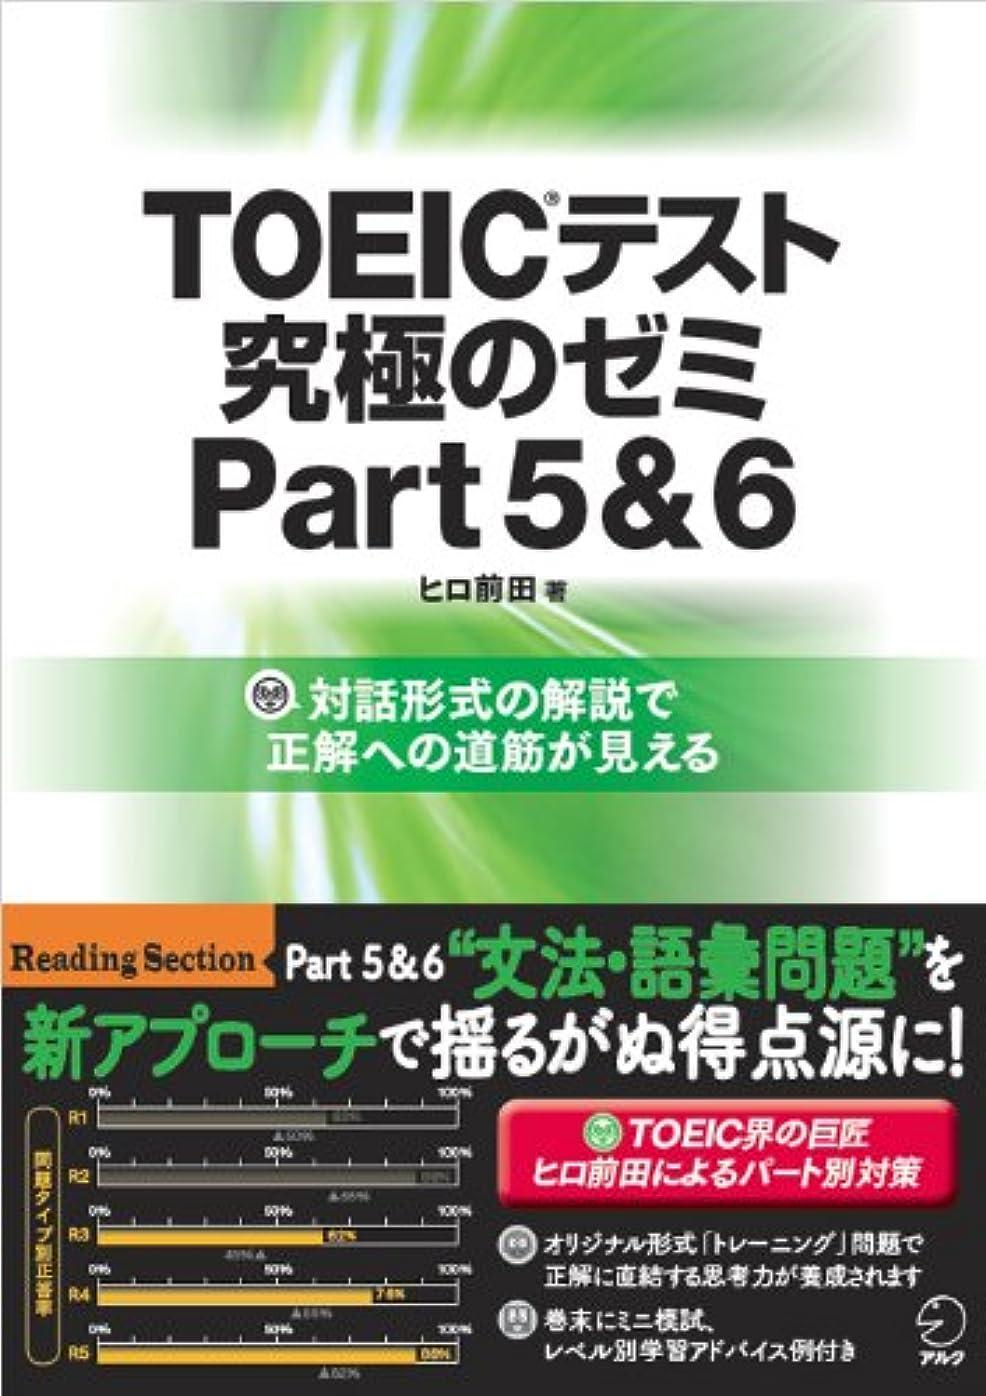 デコラティブ麻痺小道DL特典付 TOEIC(R)テスト 究極のゼミ Part 5 & 6 (TOEICテスト 究極シリーズ)